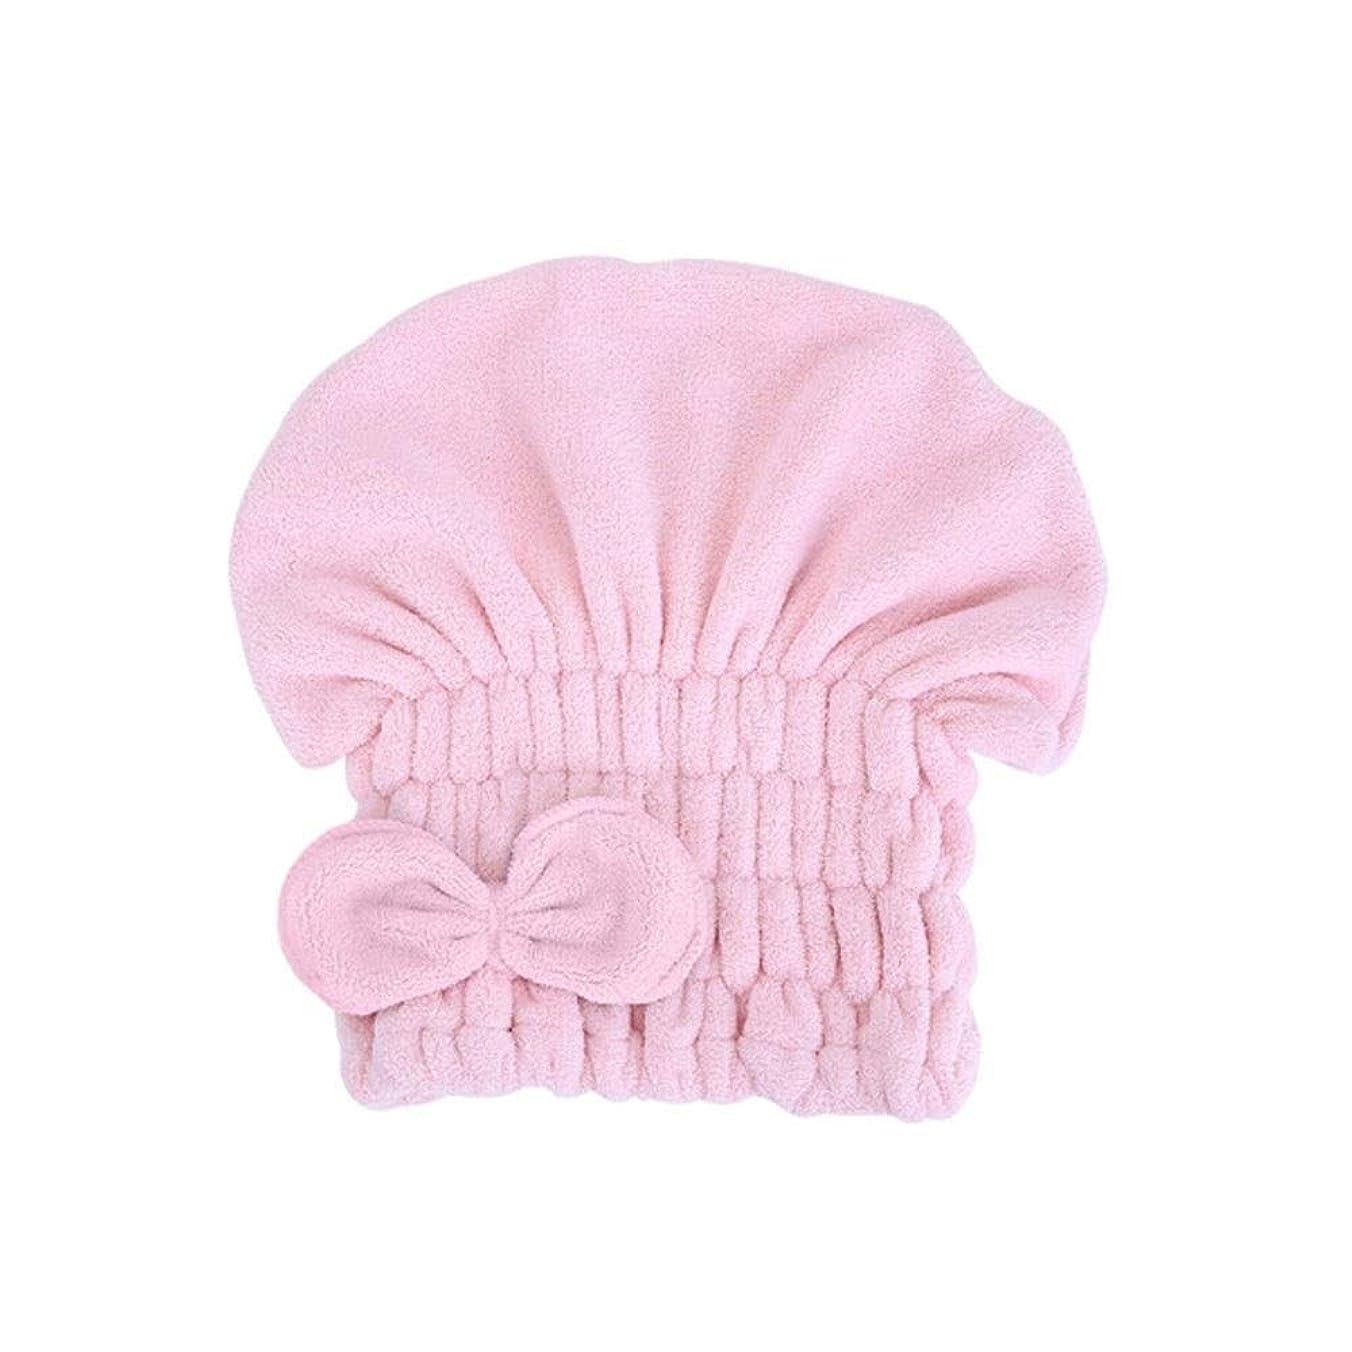 シフト白鳥トチの実の木SMXGF シャワーキャップ、珊瑚ベルベット素材、強い吸収シャワーキャップ、ソフトロングヘアのシャワーキャップ、クイックドライヘアーキャップ、2つのスタイル (Color : Pink, Size : 29*25cm)